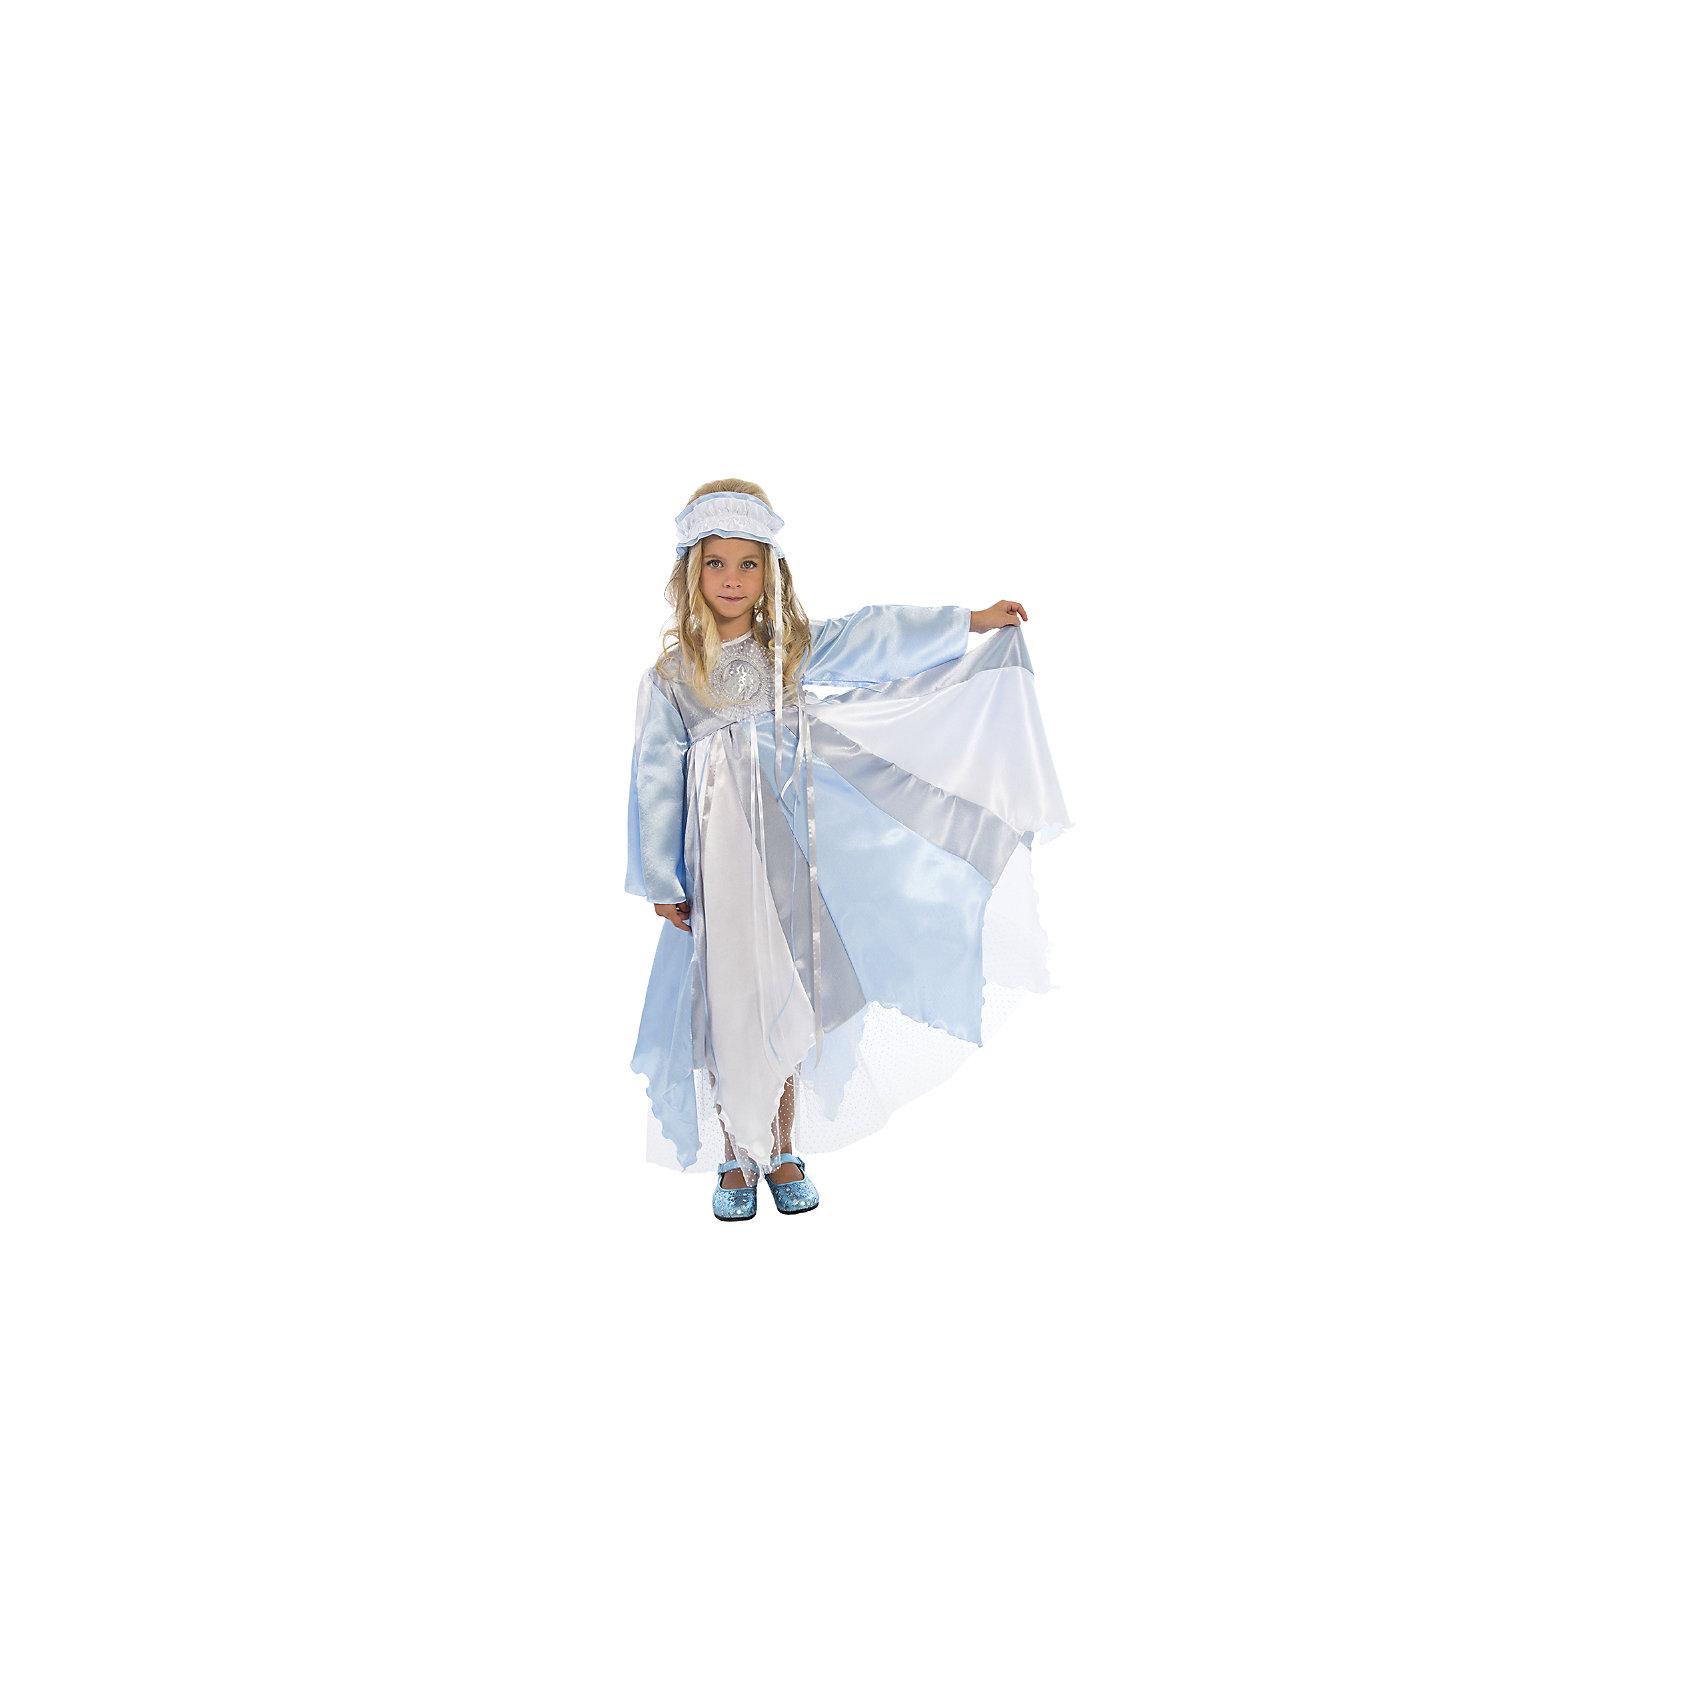 Вестифика Карнавальный костюм Зима, Вестифика вестифика карнавальный костюм цыпленок вестифика